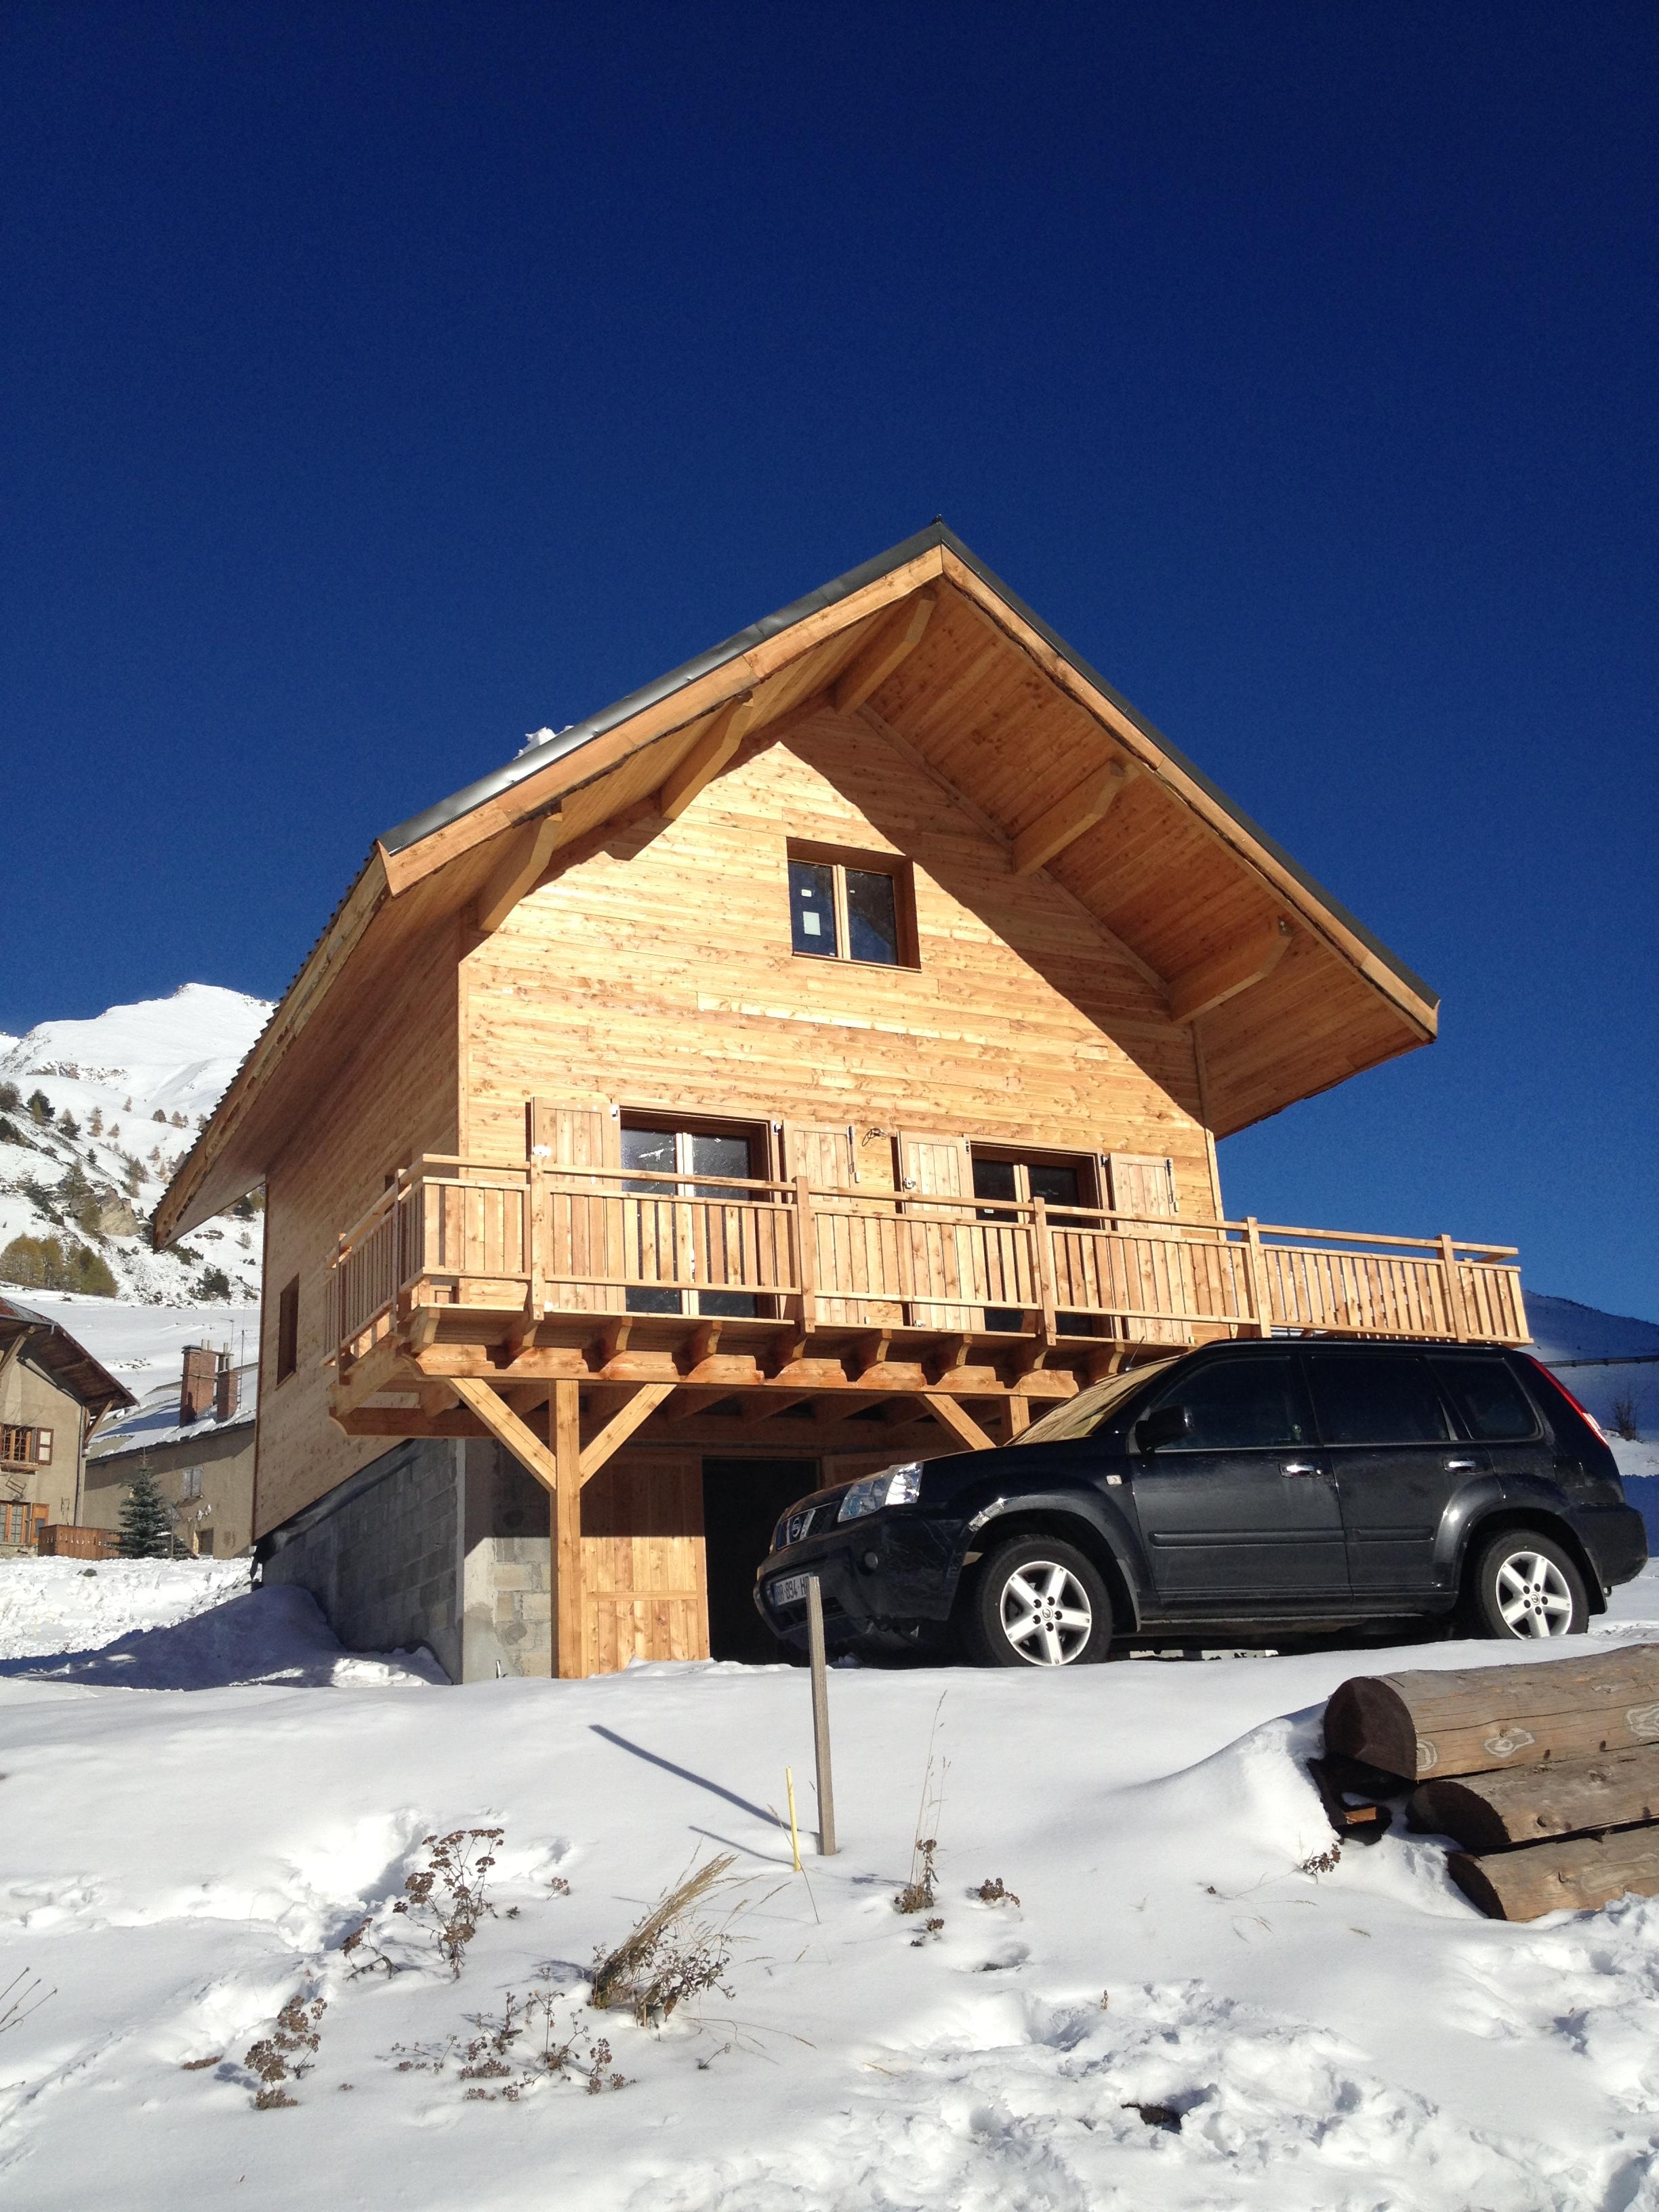 Chalet maison bois c t sud for Chalet en bois solde